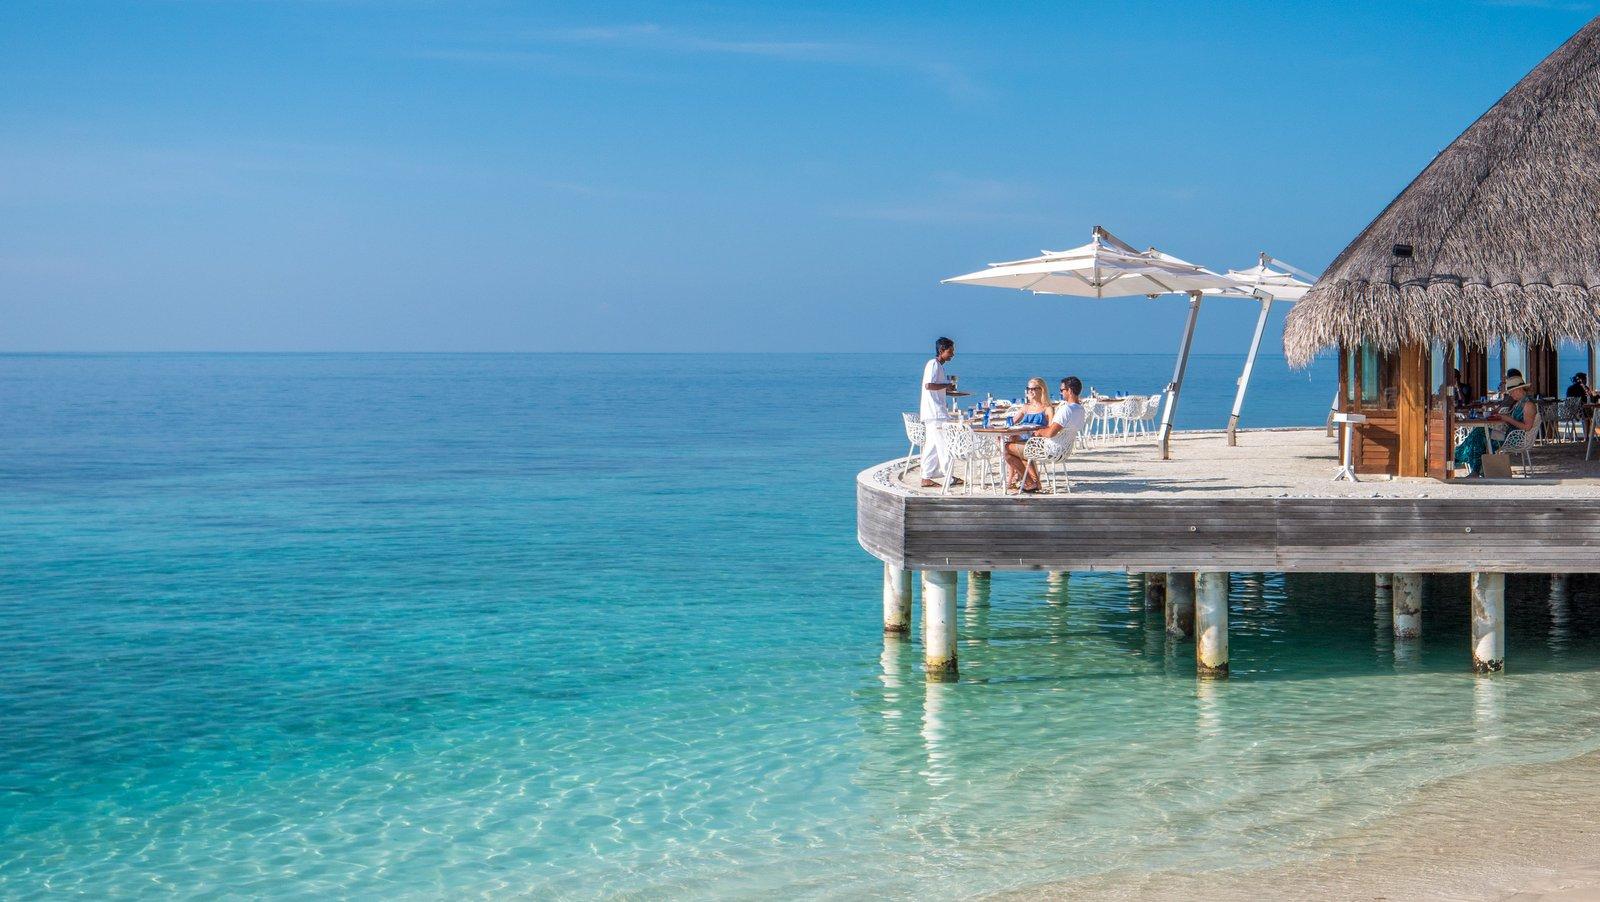 Мальдивы, отель Huvafen Fushi Maldives, ресторан Celsius